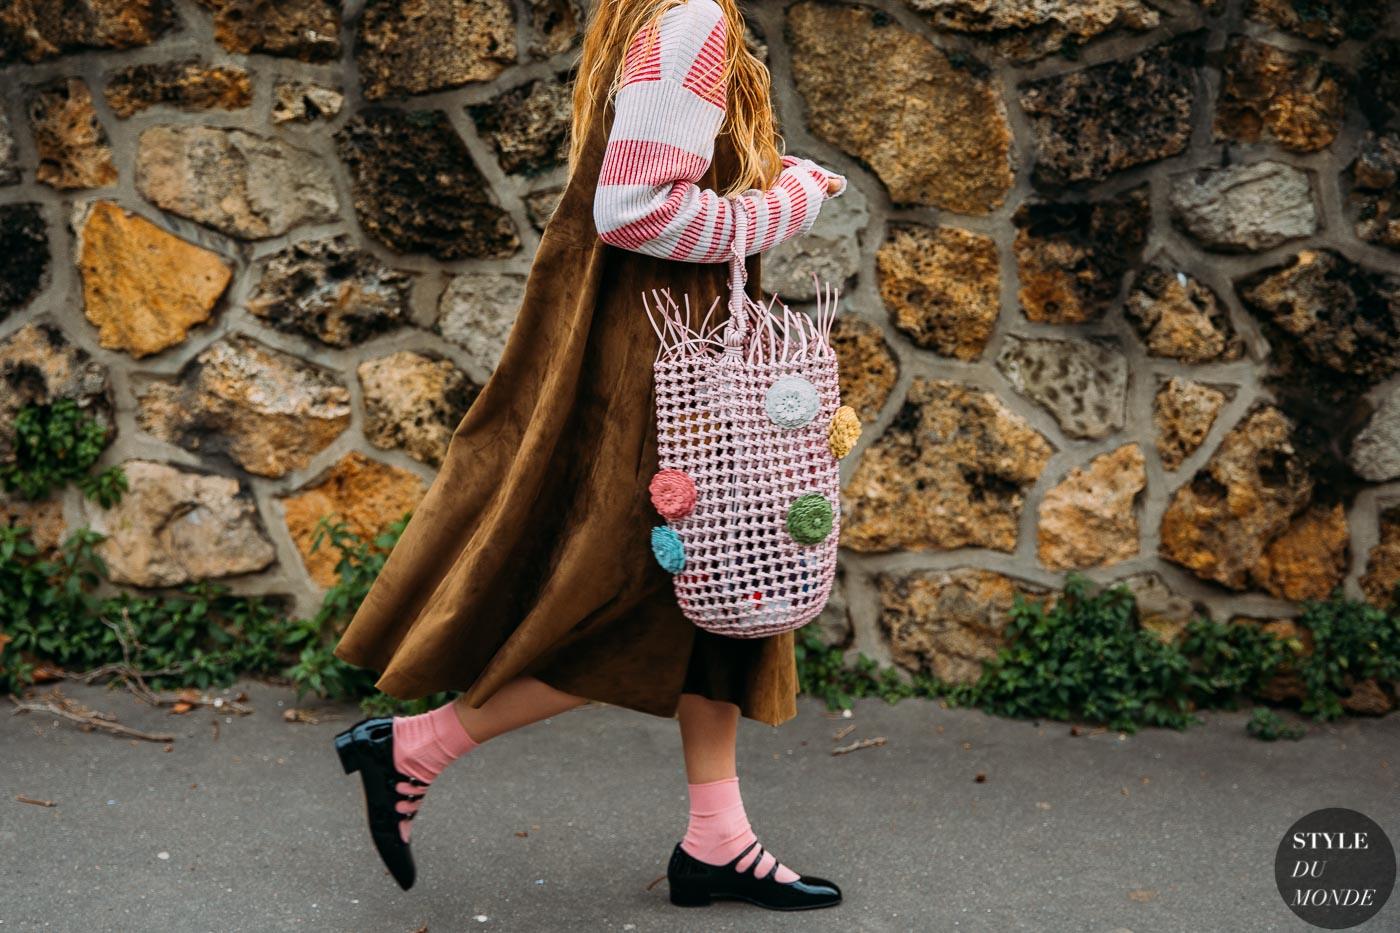 cách phối màu hồng và nâu mùa thu đông 2020 style du monde